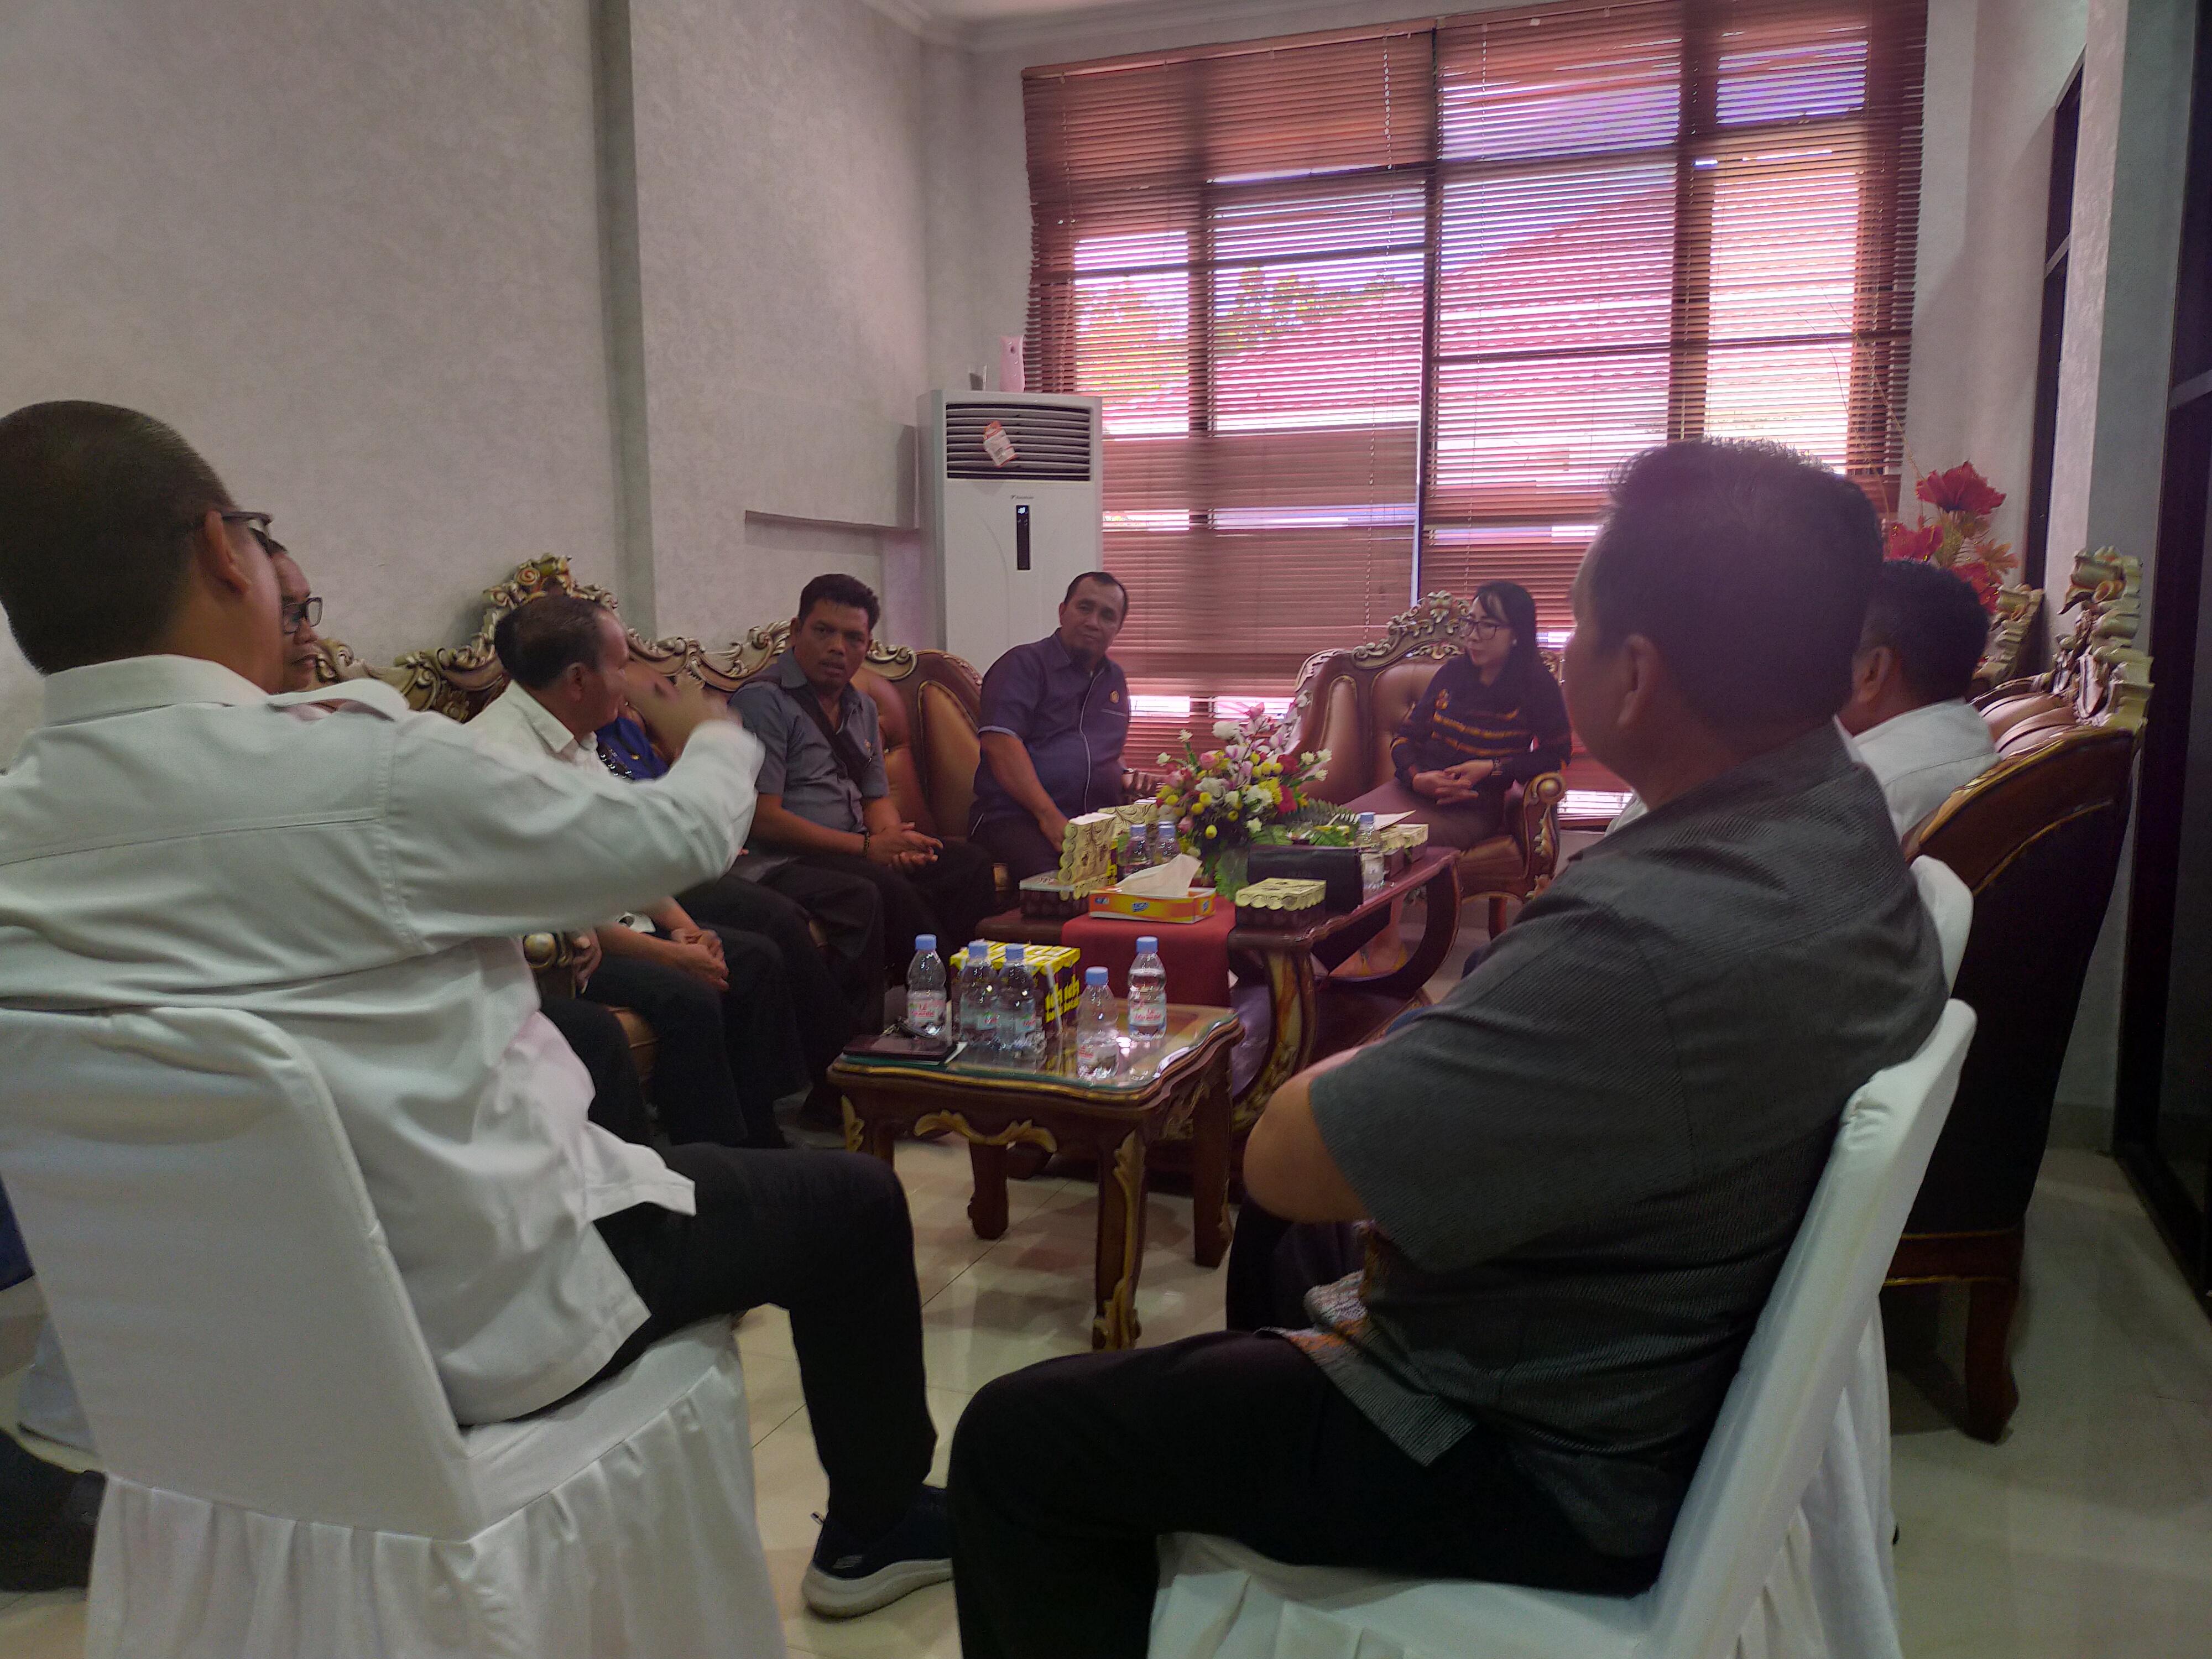 Ketgam : Anggota DPRD Konawe berdiskusi dengan anggota DPRD Langkat di ruangan Wakil Ketua Satu DPRD Konawe, Kadek Rai Sudiany